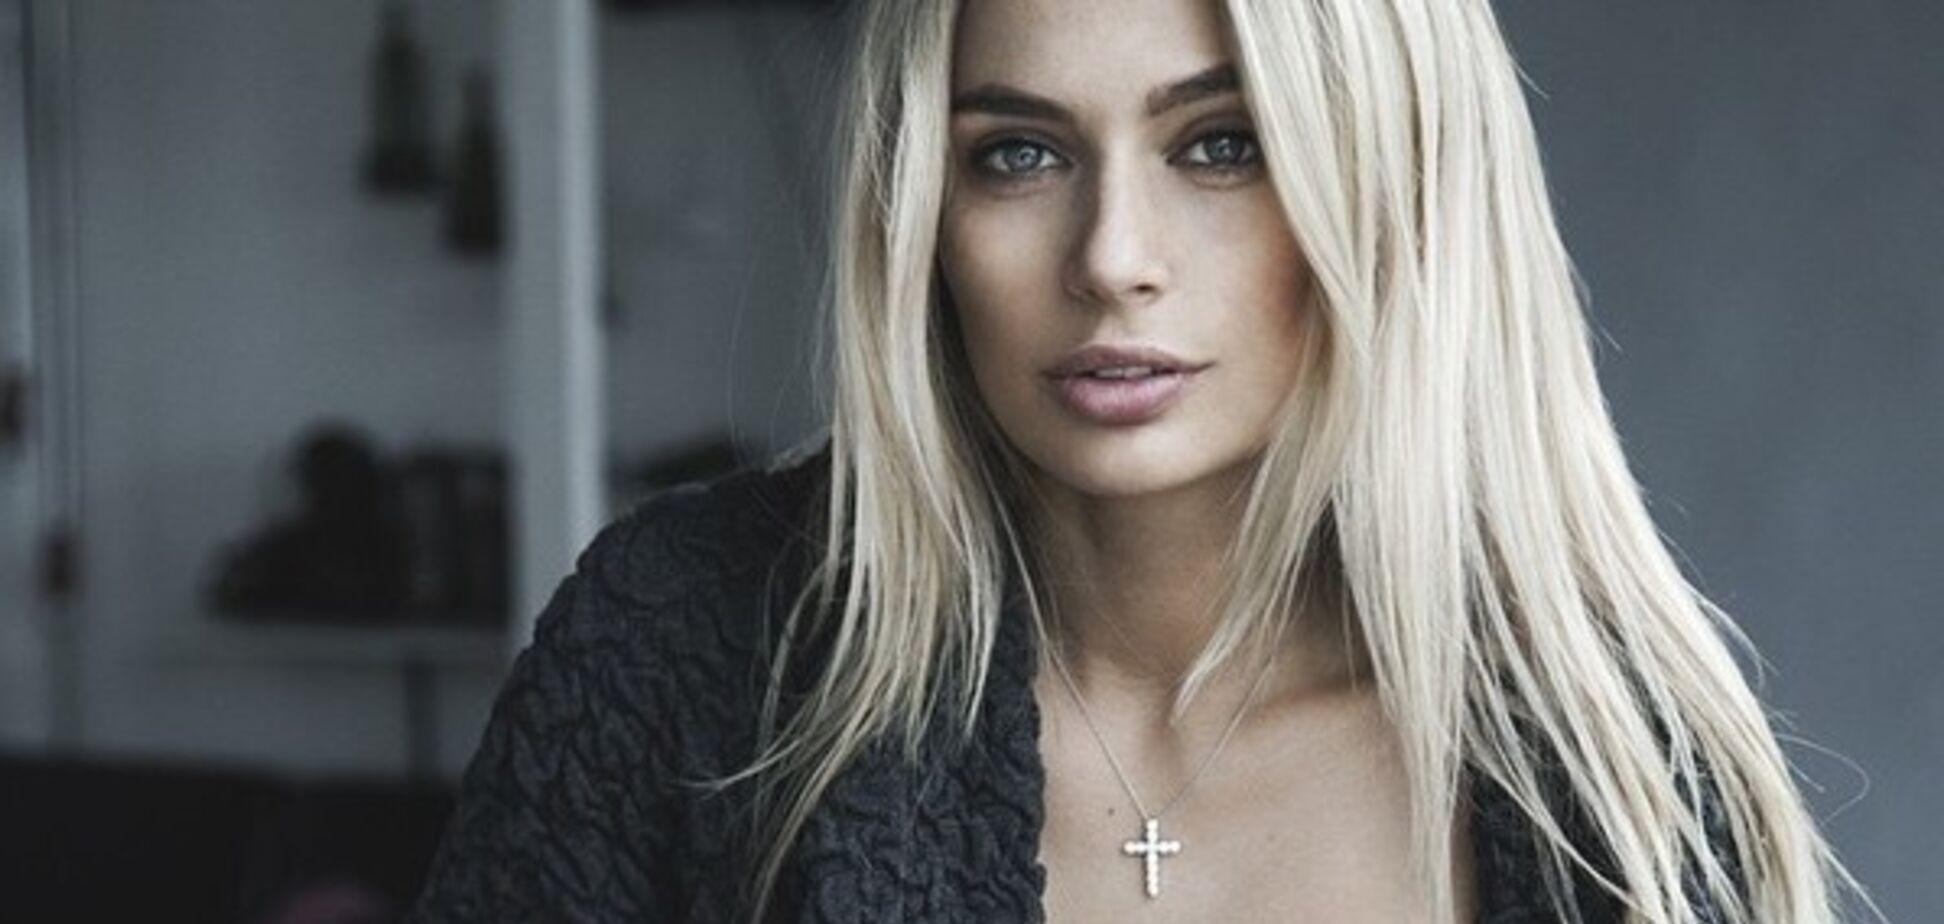 Пять горячих актрис с фигурами моделей: как они стали такими стройными